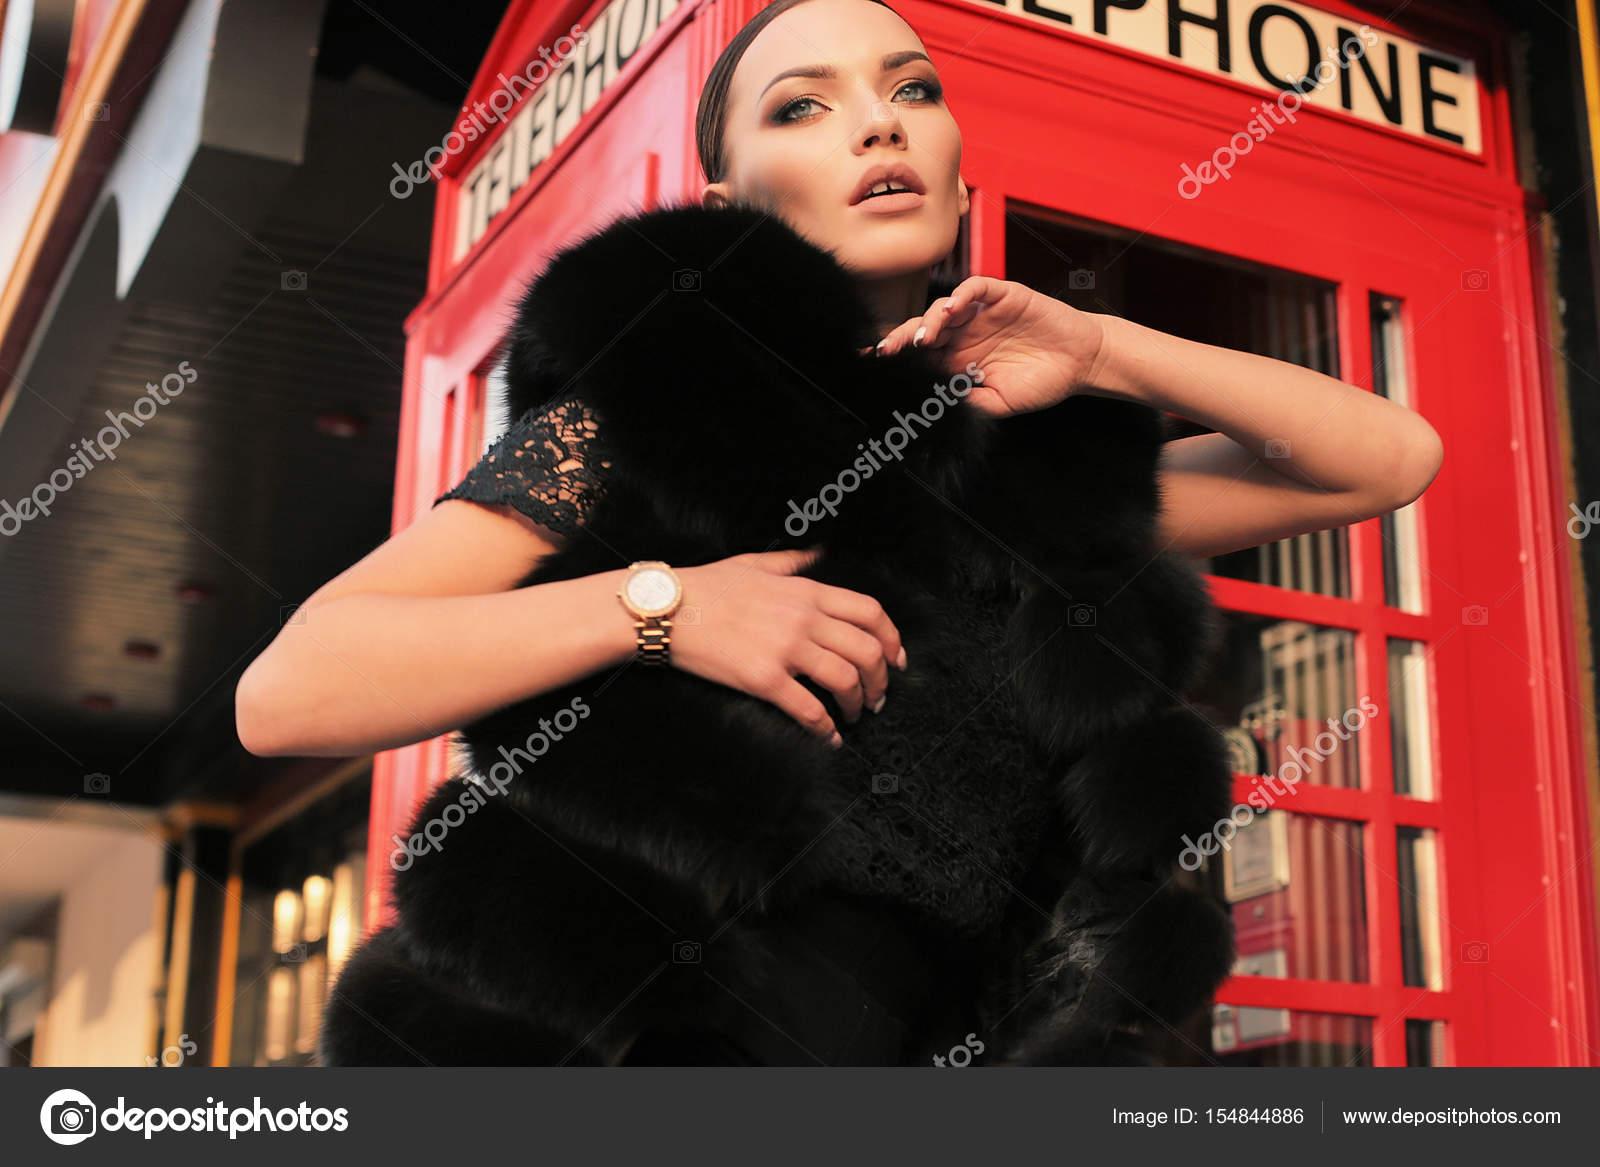 Кефиром сексуальные девушки в лондоне эротичное фото